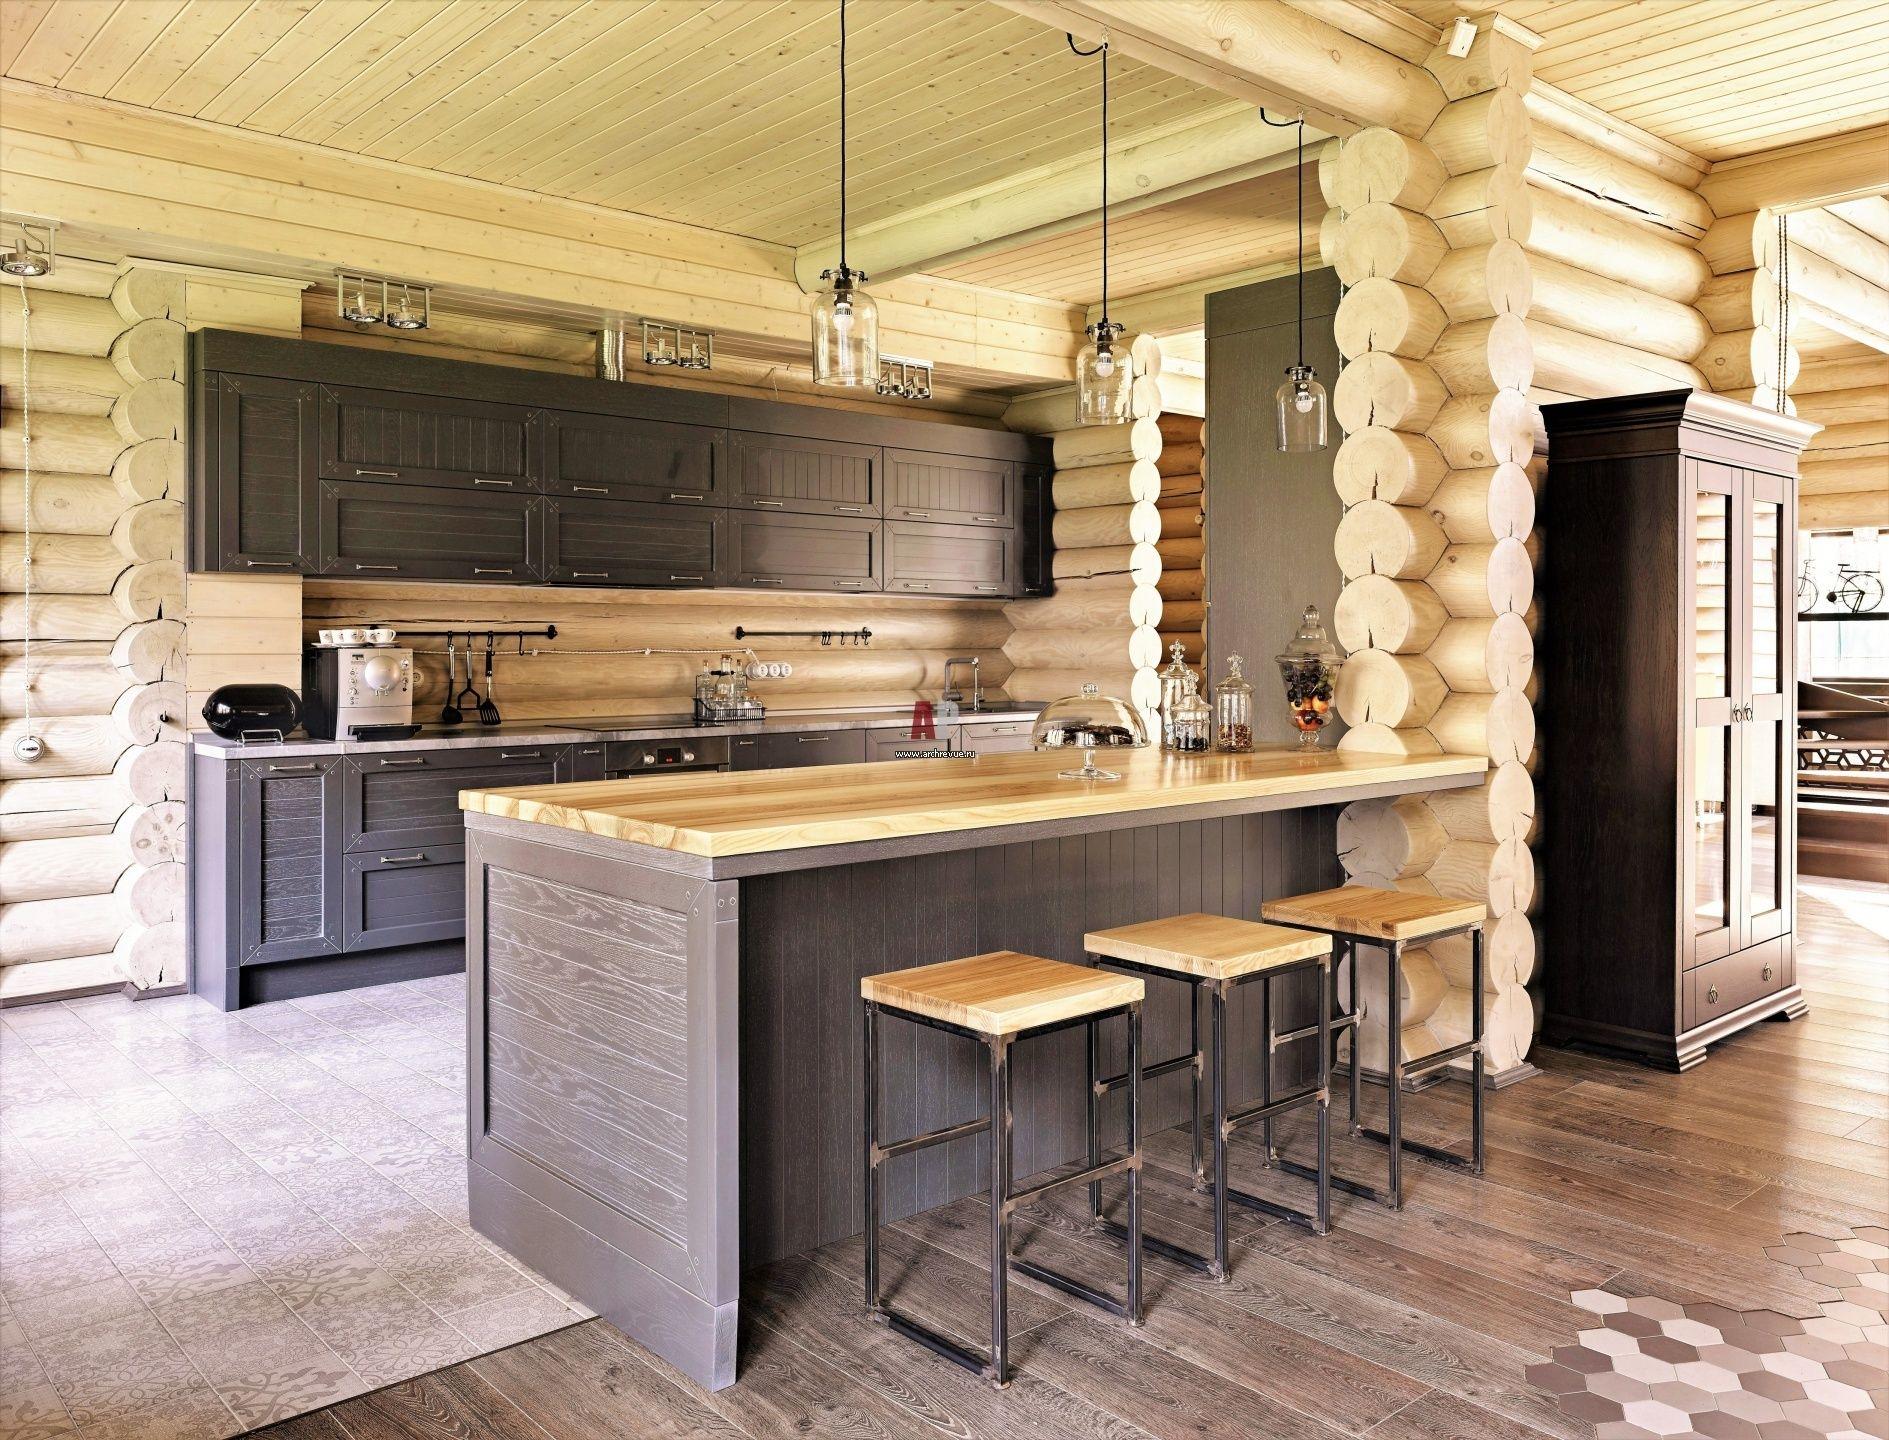 получается очень кухня в бревенчатом доме картинки майк